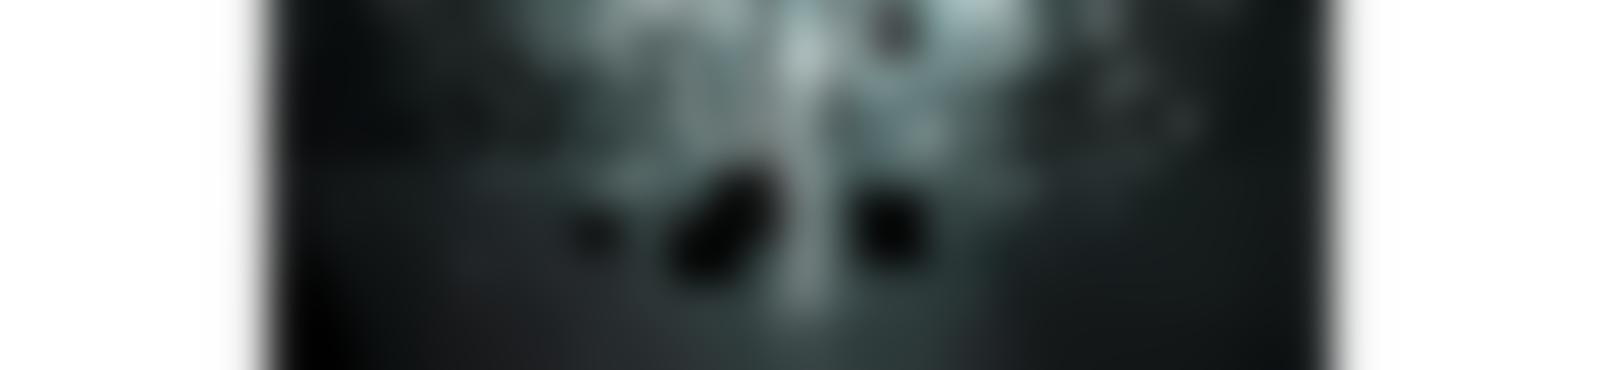 Blurred c21f072b 8261 439d 94ff e341eb35ecc6